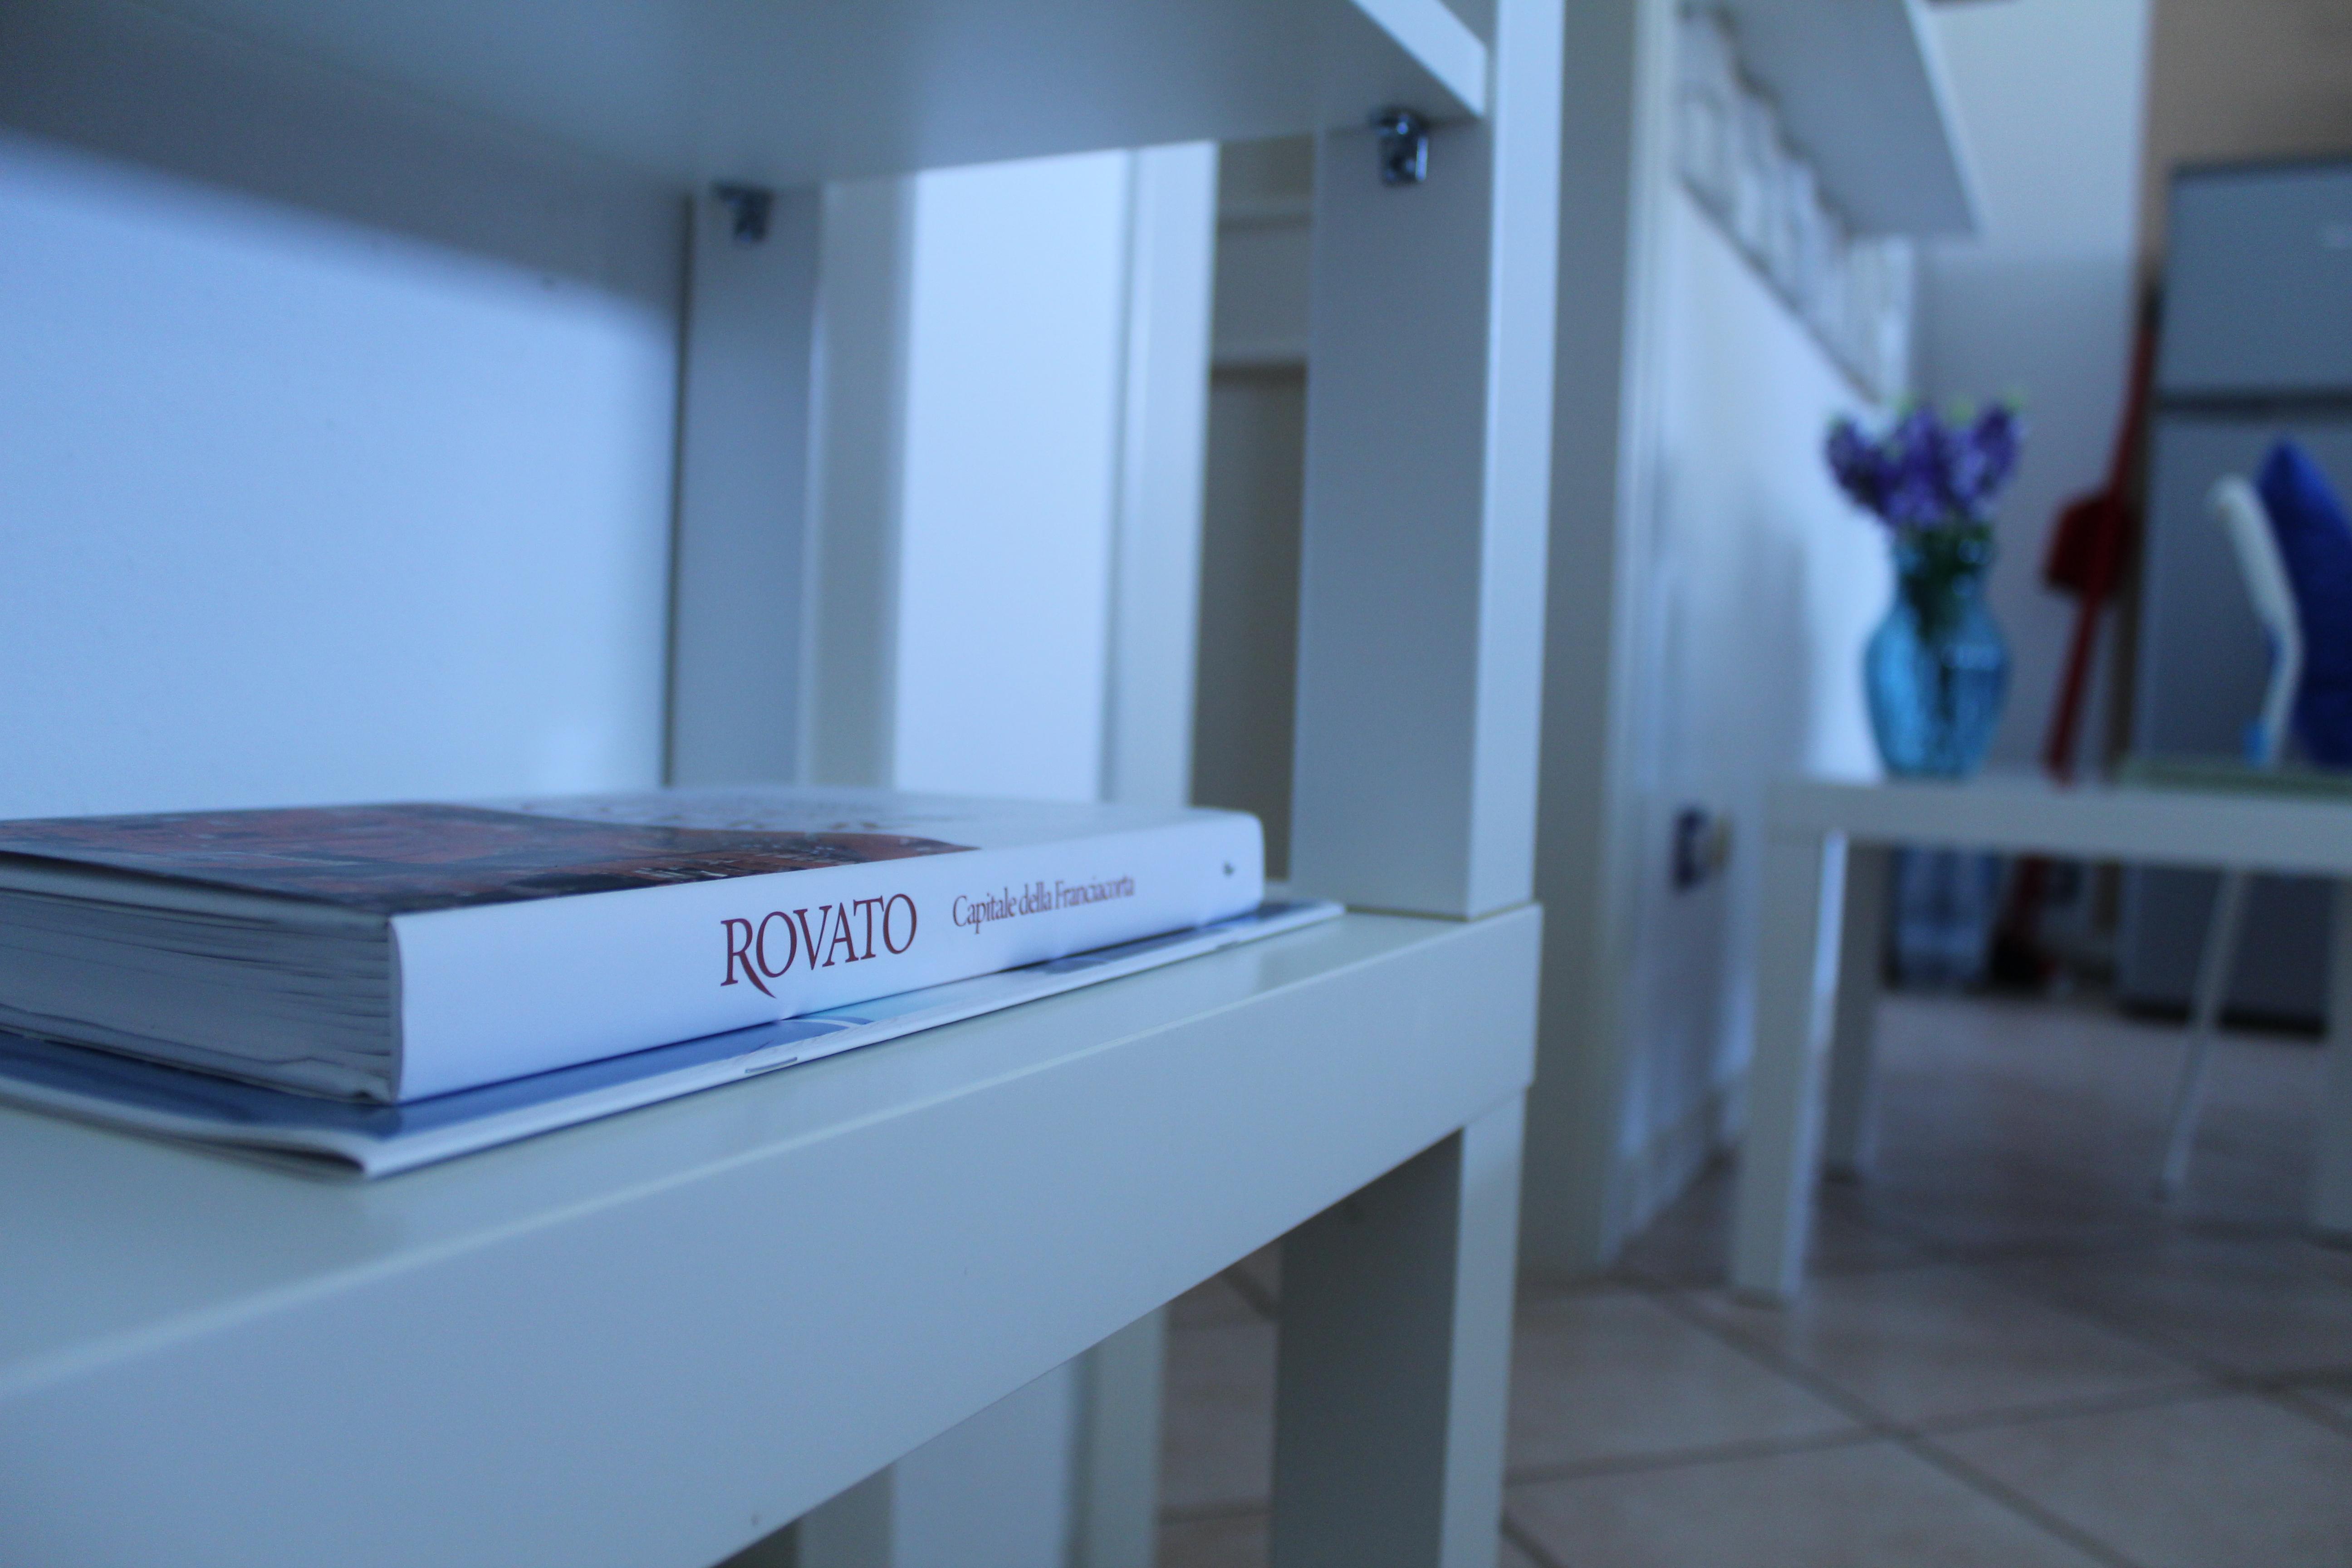 Casa Tua Arredamenti Rovato blue house in franciacorta - appartamenti in affitto a